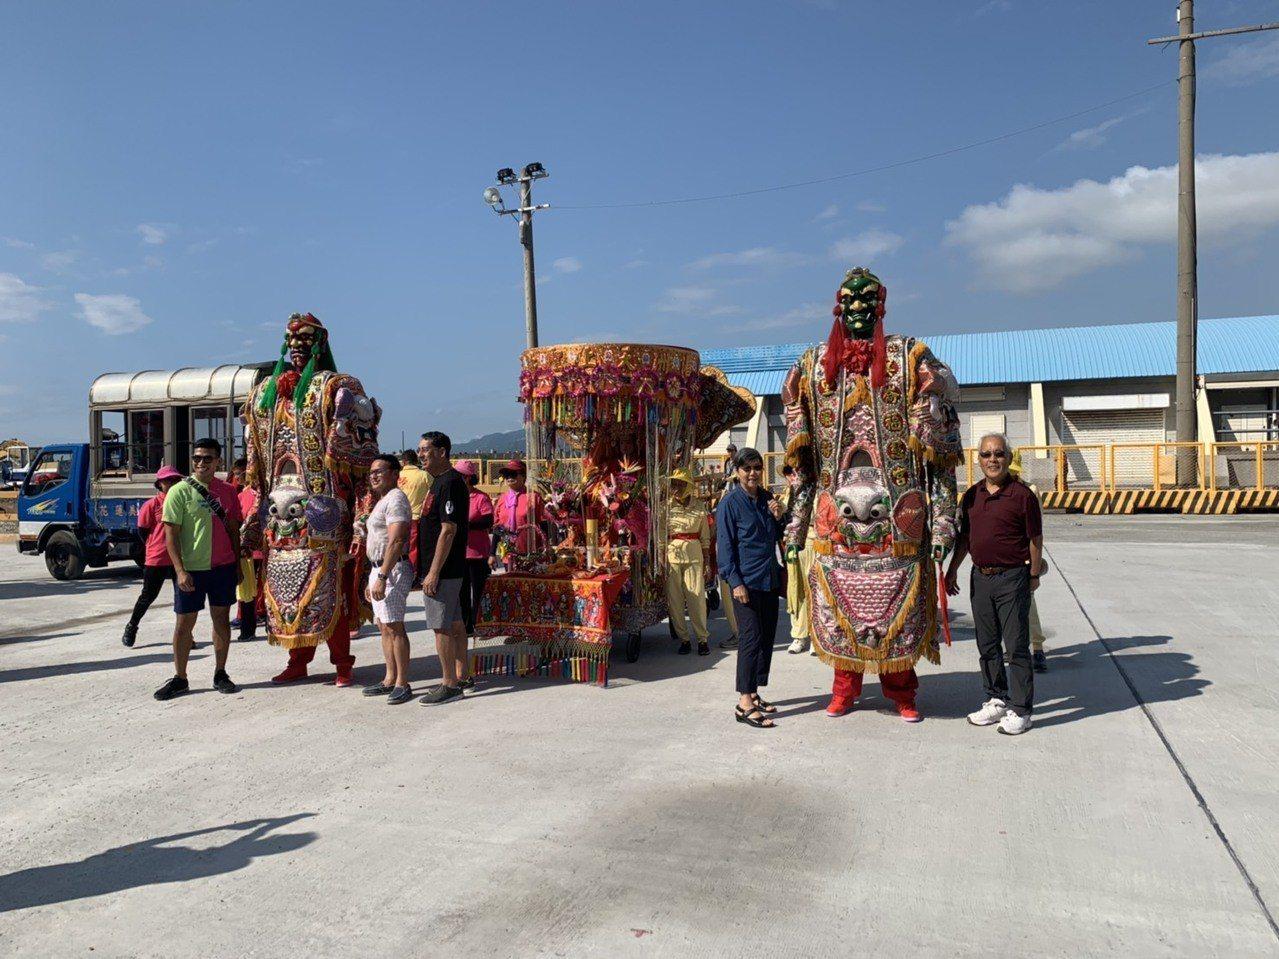 花蓮港分公司請來廟會神將迎賓,吸引外國遊客合影留念。圖/花蓮港務分公司提供